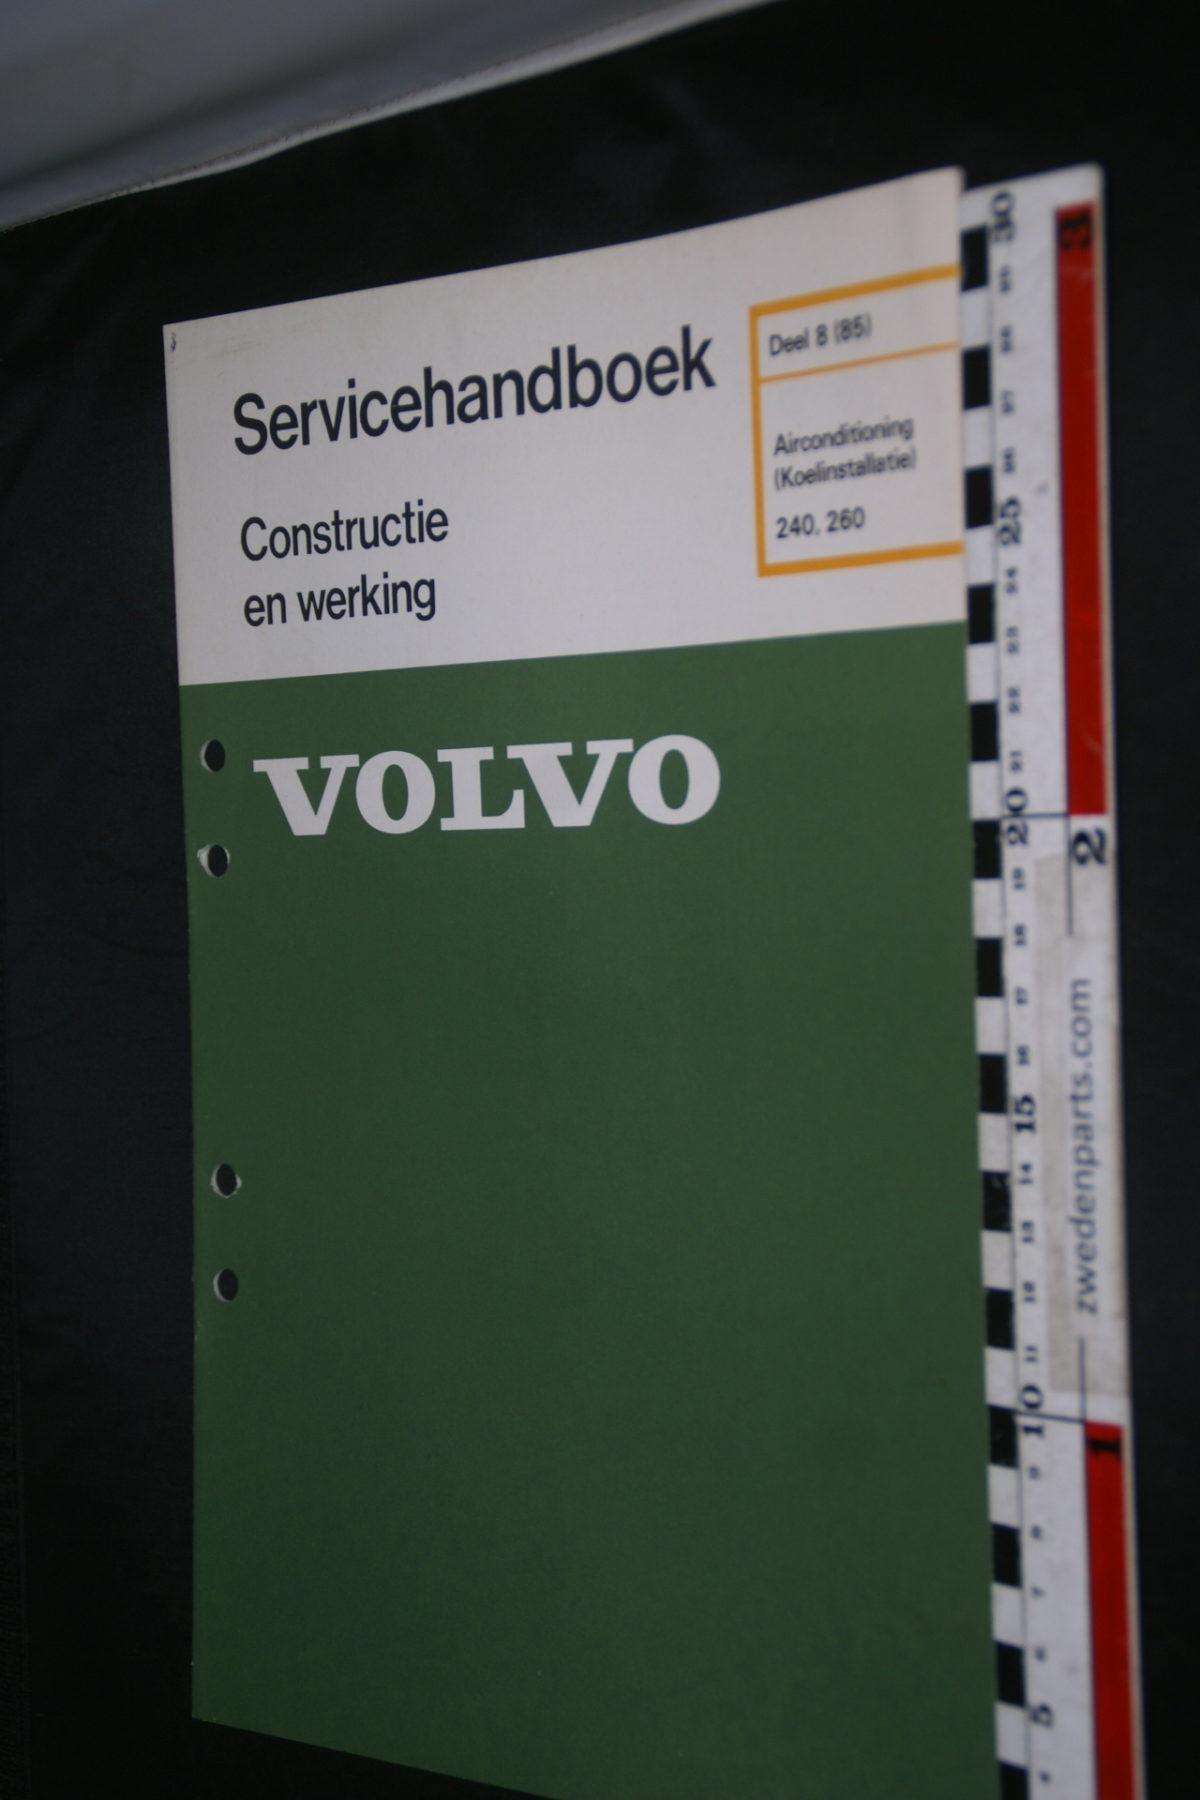 DSC08621 1977 origineel Volvo 240, 260 servicehandboek  8 (85) airco koelinstallatie 1 van 800 TP 11629-1